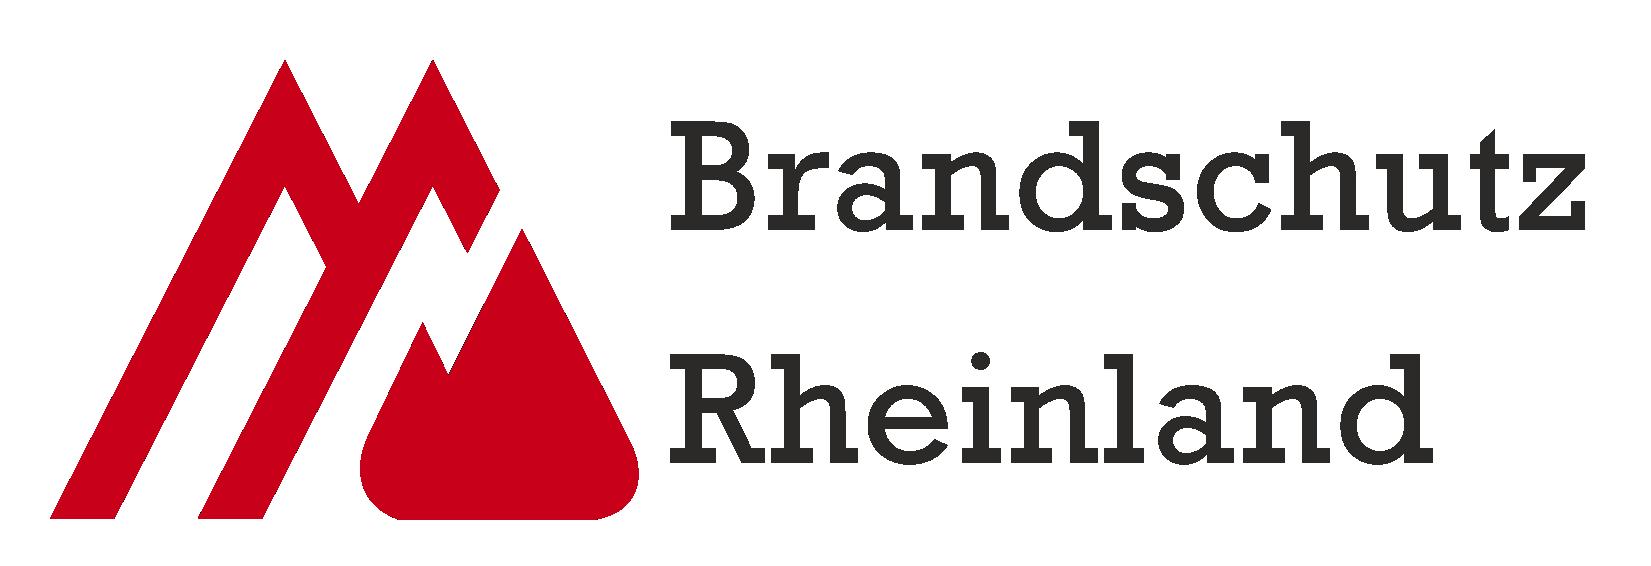 Brandschutz Rheinland